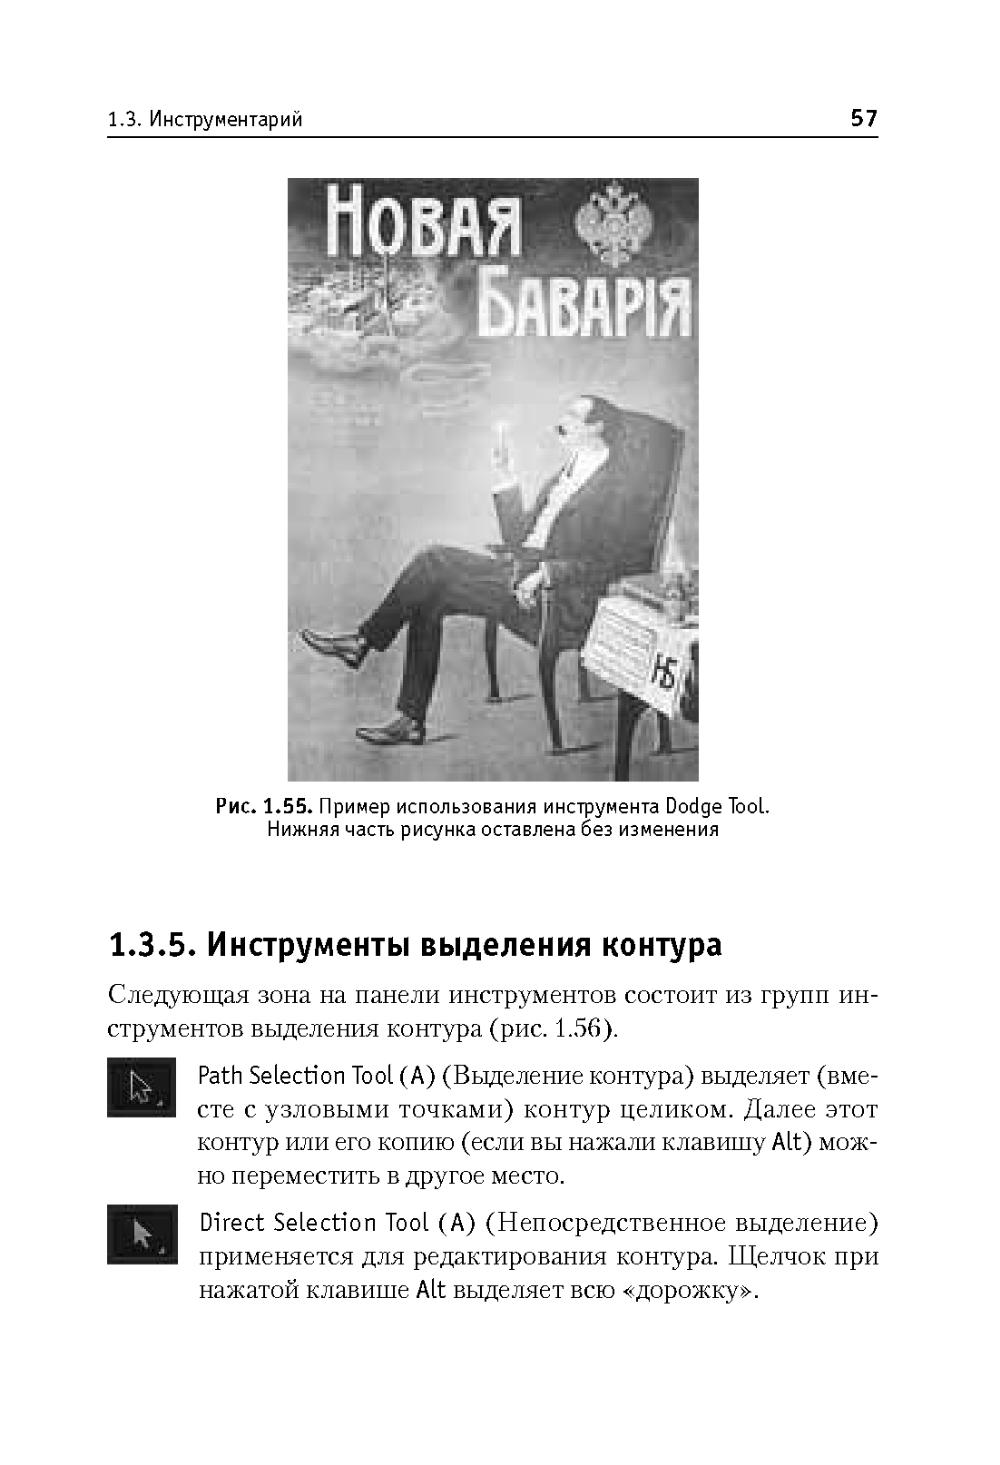 http://i2.imageban.ru/out/2013/11/10/541f02dac3d65660703db422e9484ca4.jpg